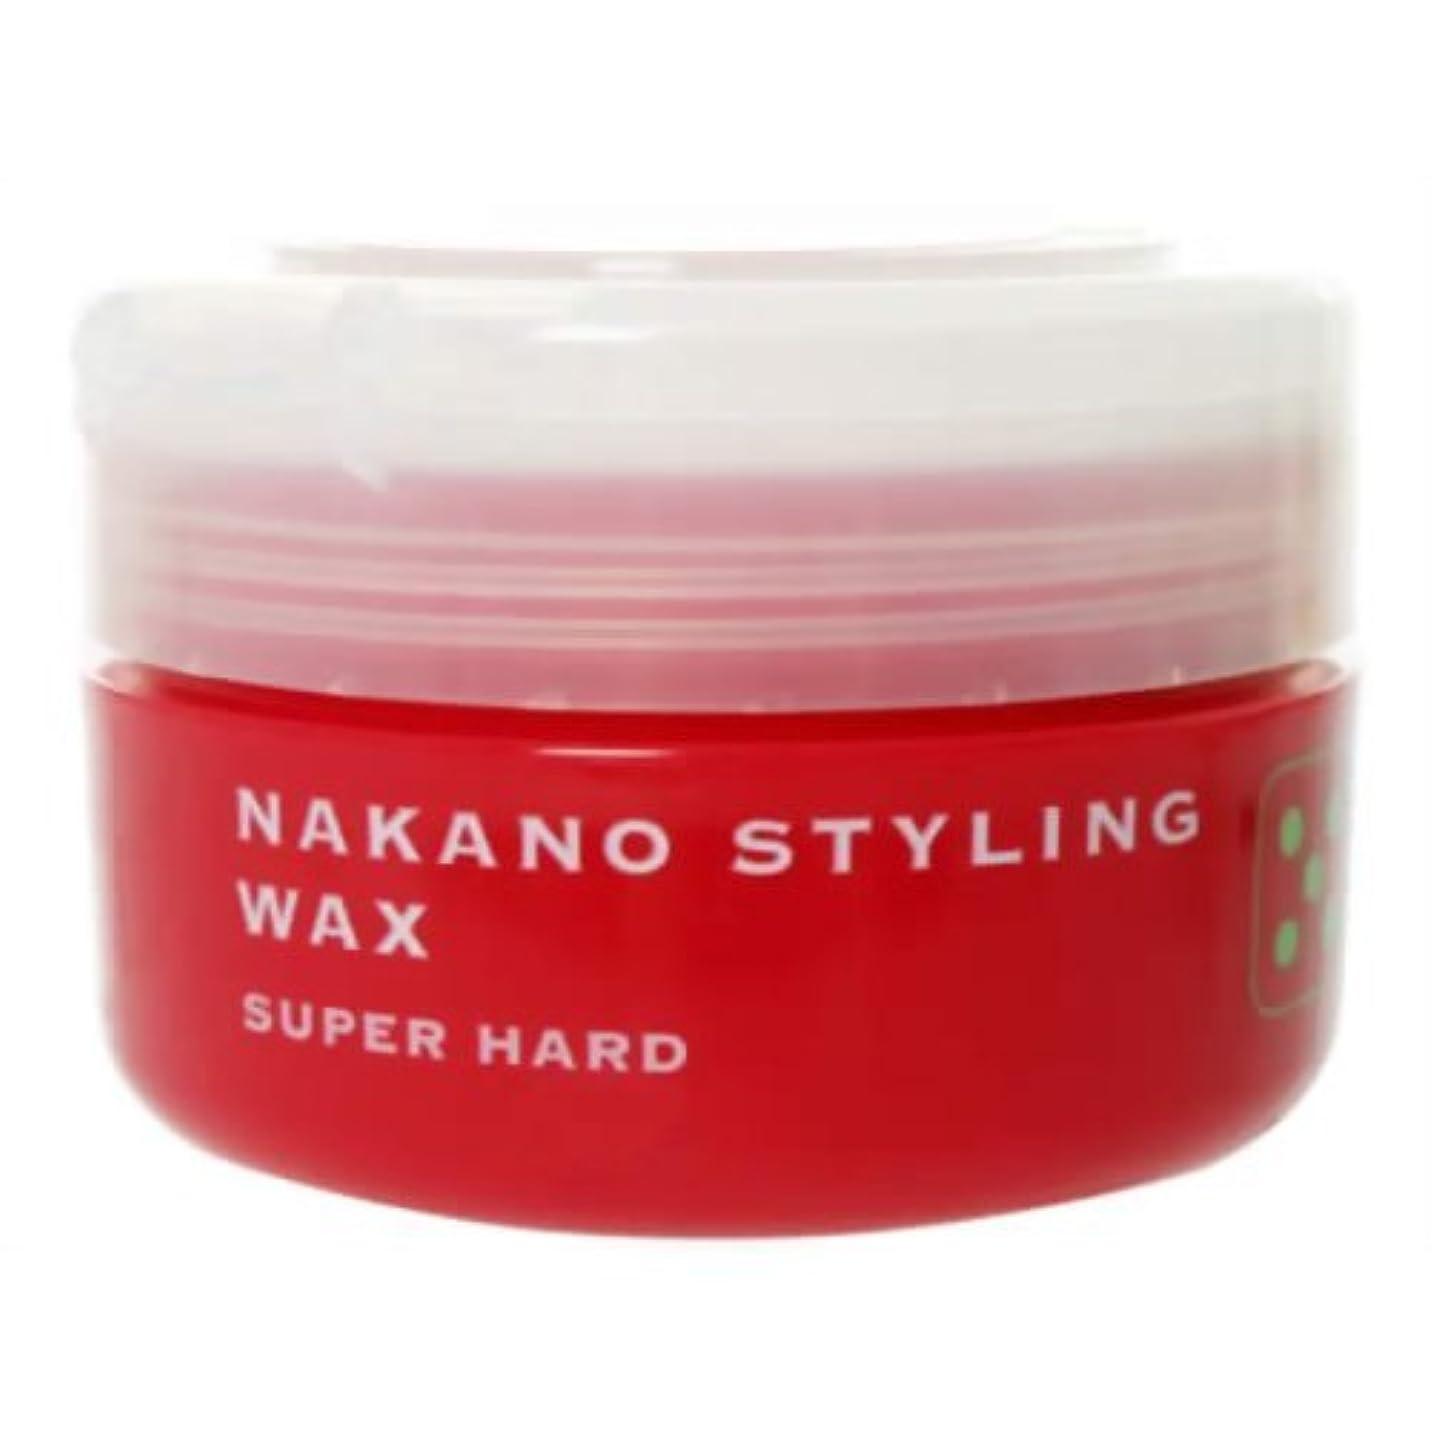 険しい頭痛破滅的なスタイリング ワックス 5 スーパーハード 90g 【ナカノ】